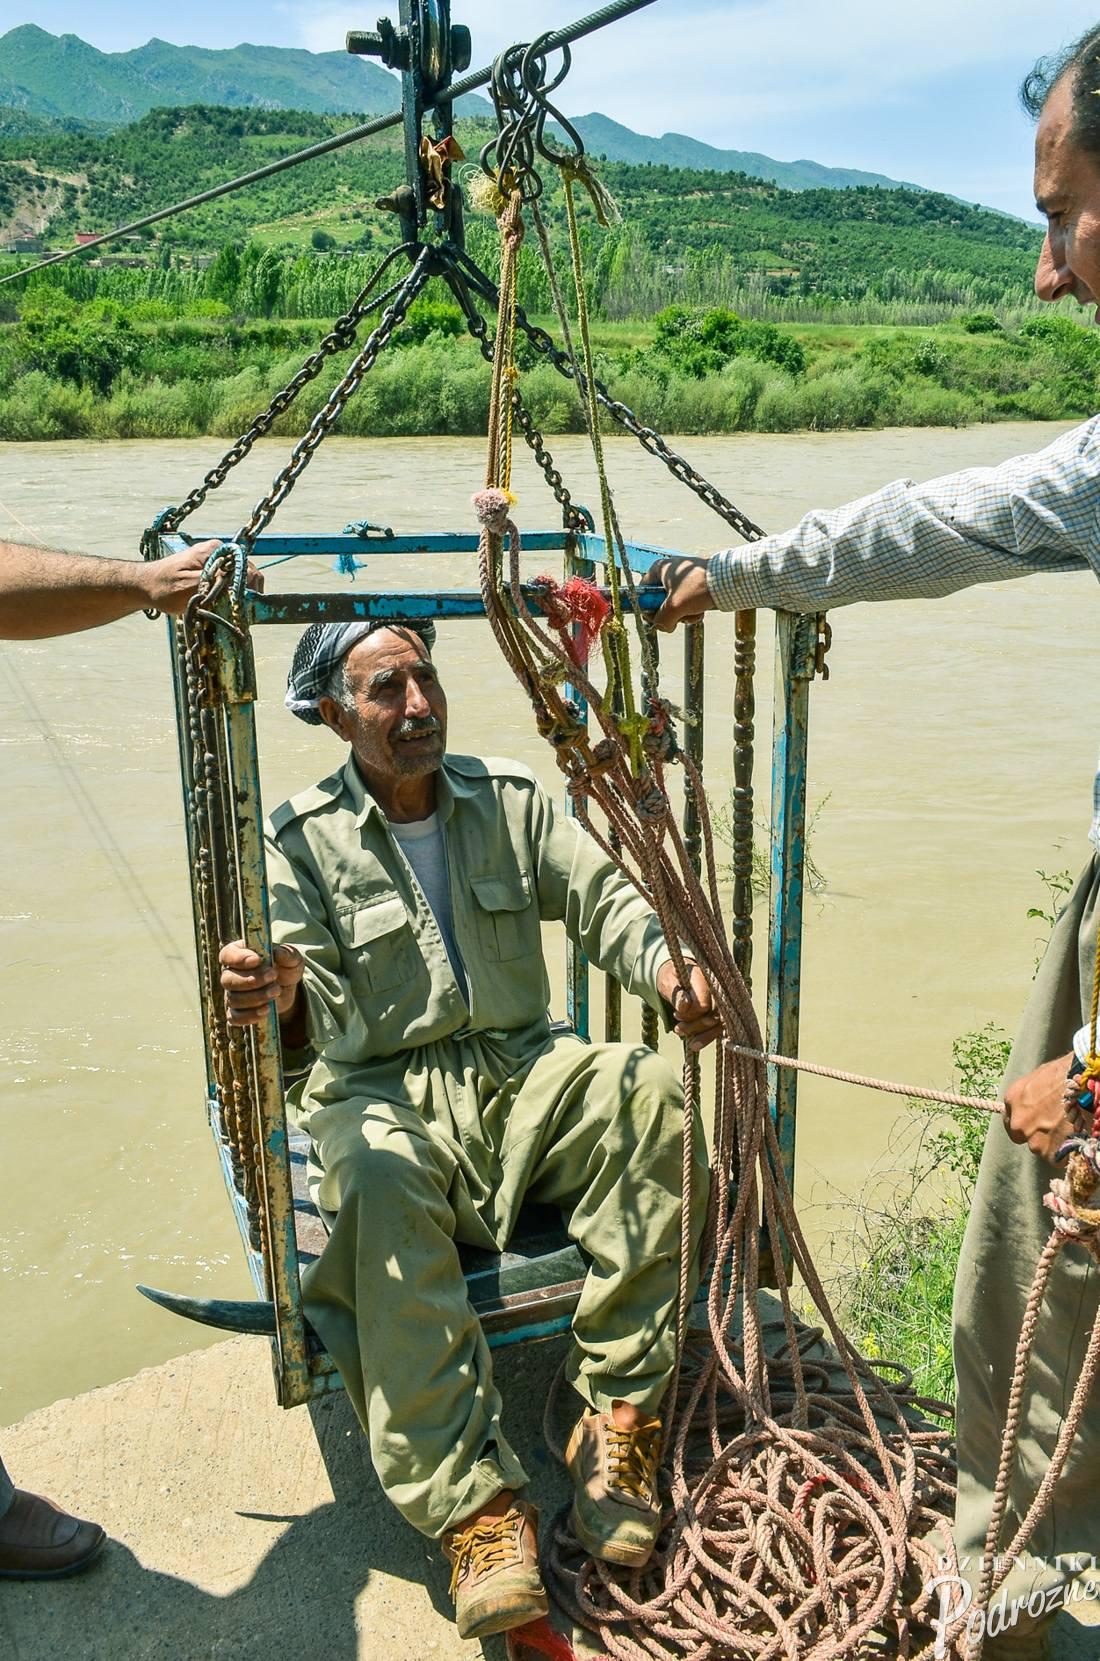 przeprawa przez rzekę - partyzanci wysadzili most